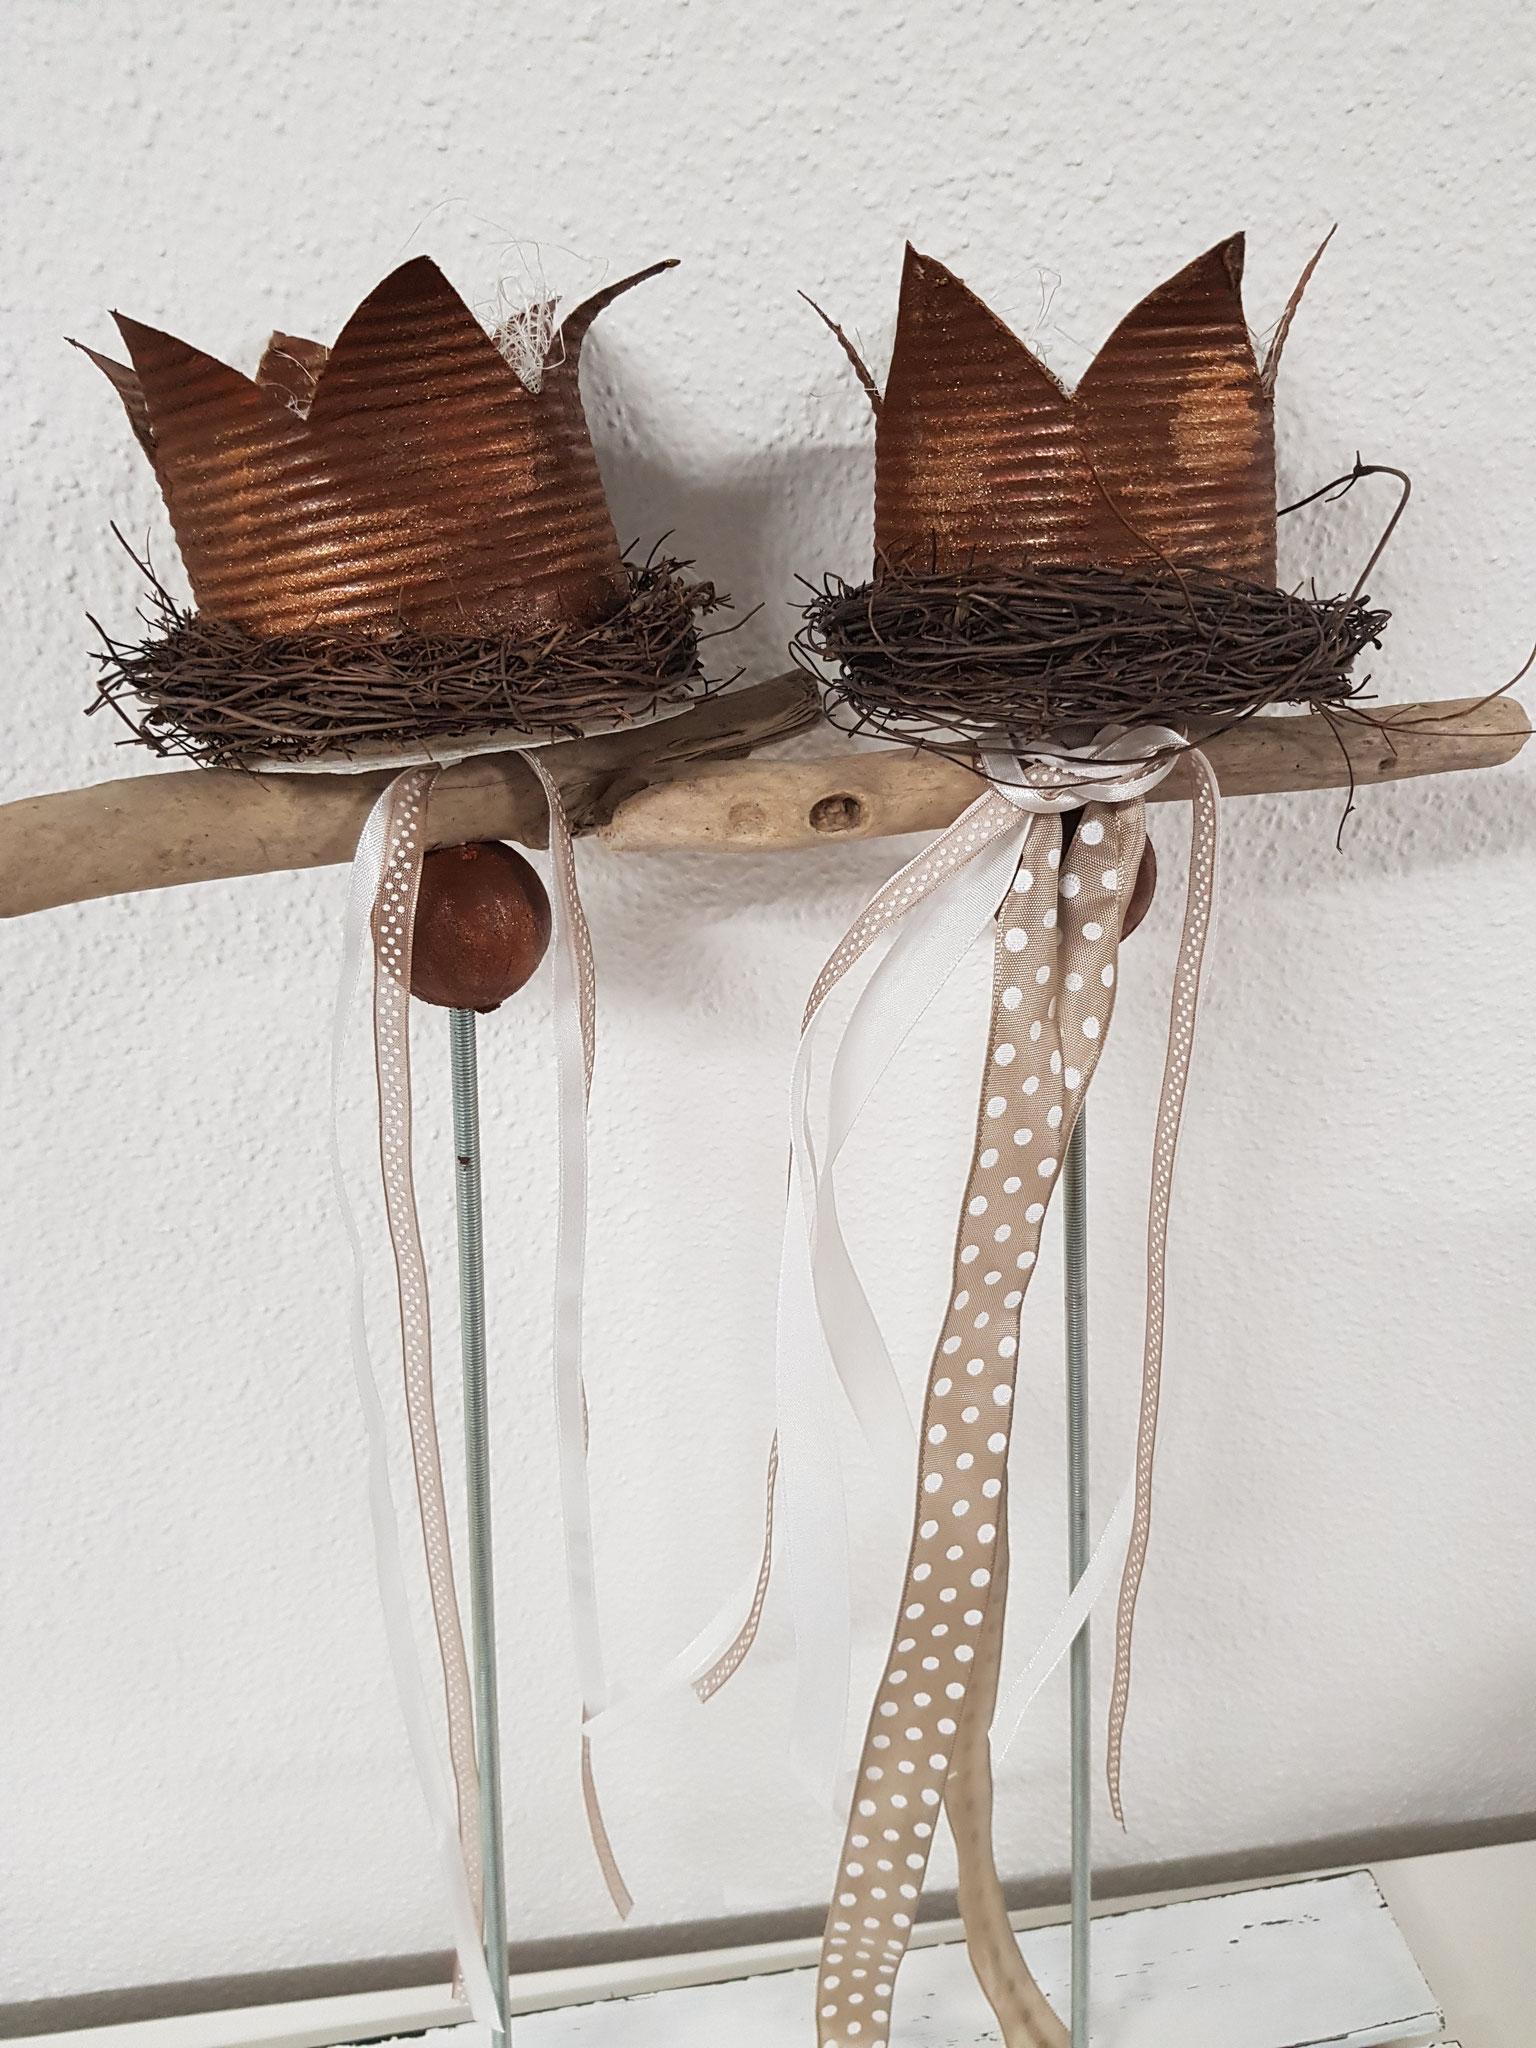 Büchsenkrönchen als Stecker- Workshop